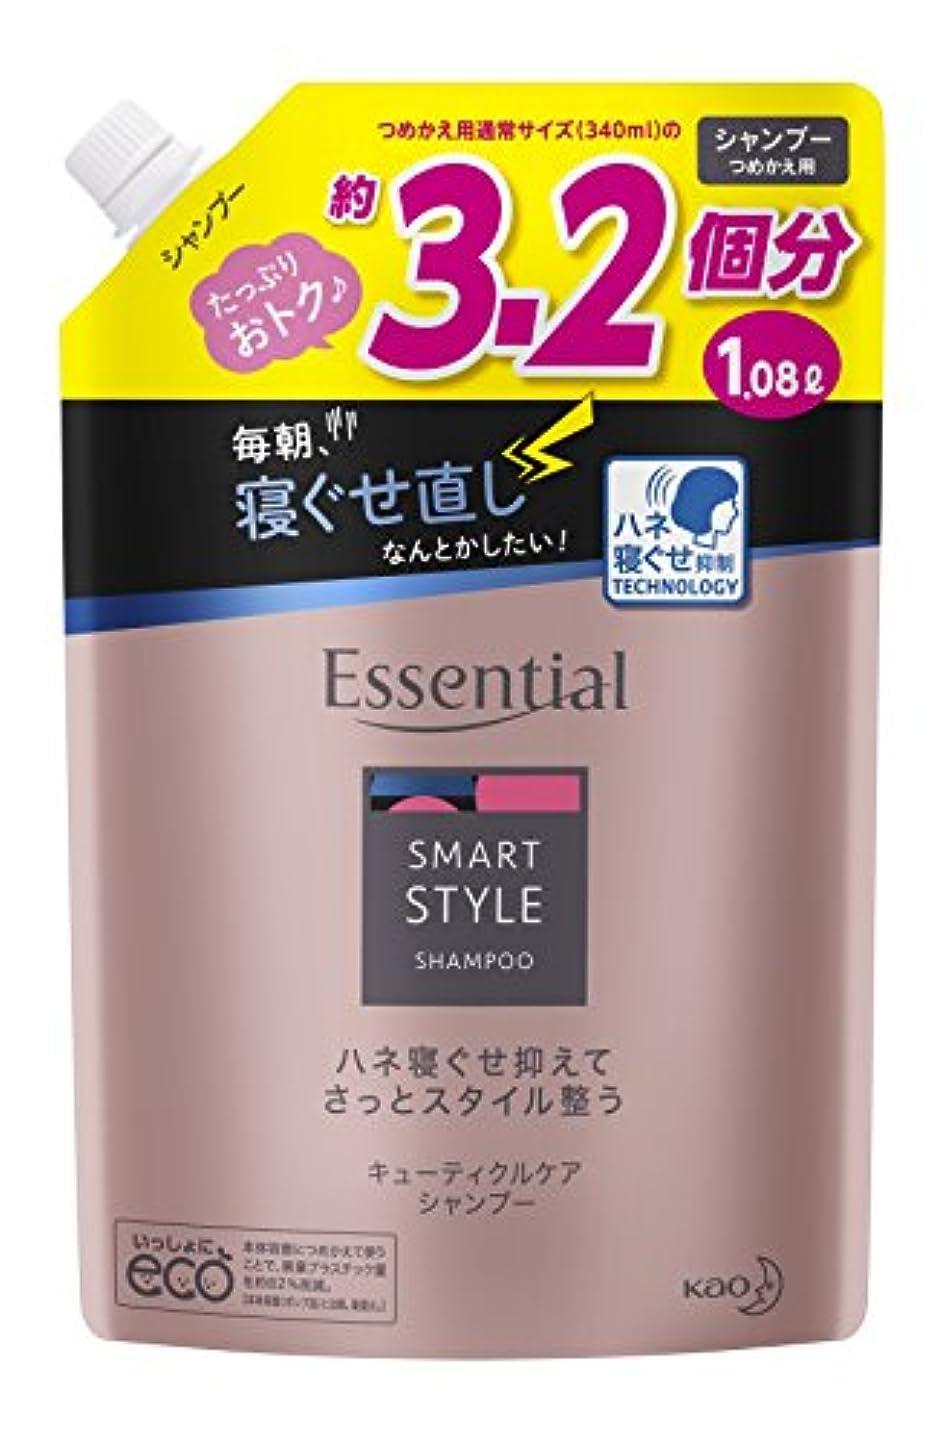 シャッフル望み謙虚【大容量】 エッセンシャル スマートスタイル シャンプー つめかえ用 1080ml